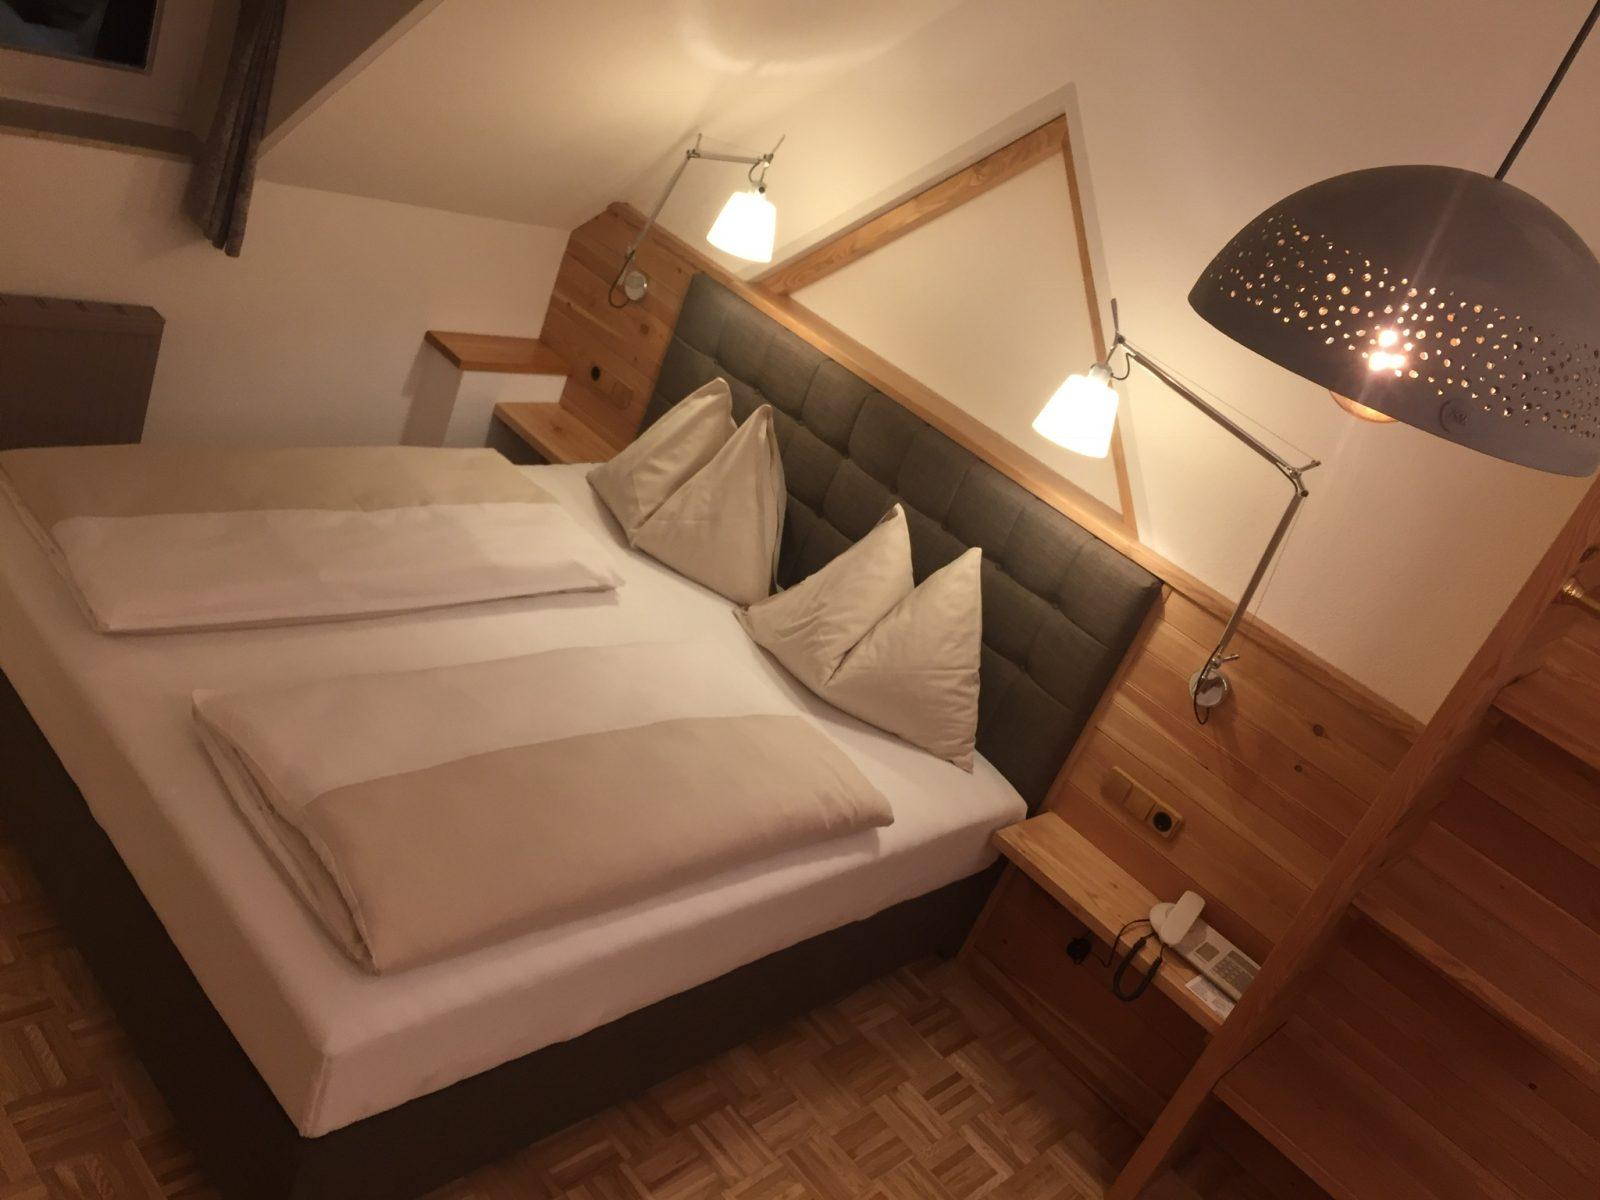 Hotel Zimmer mit Keramiklampe und Boxspringbett